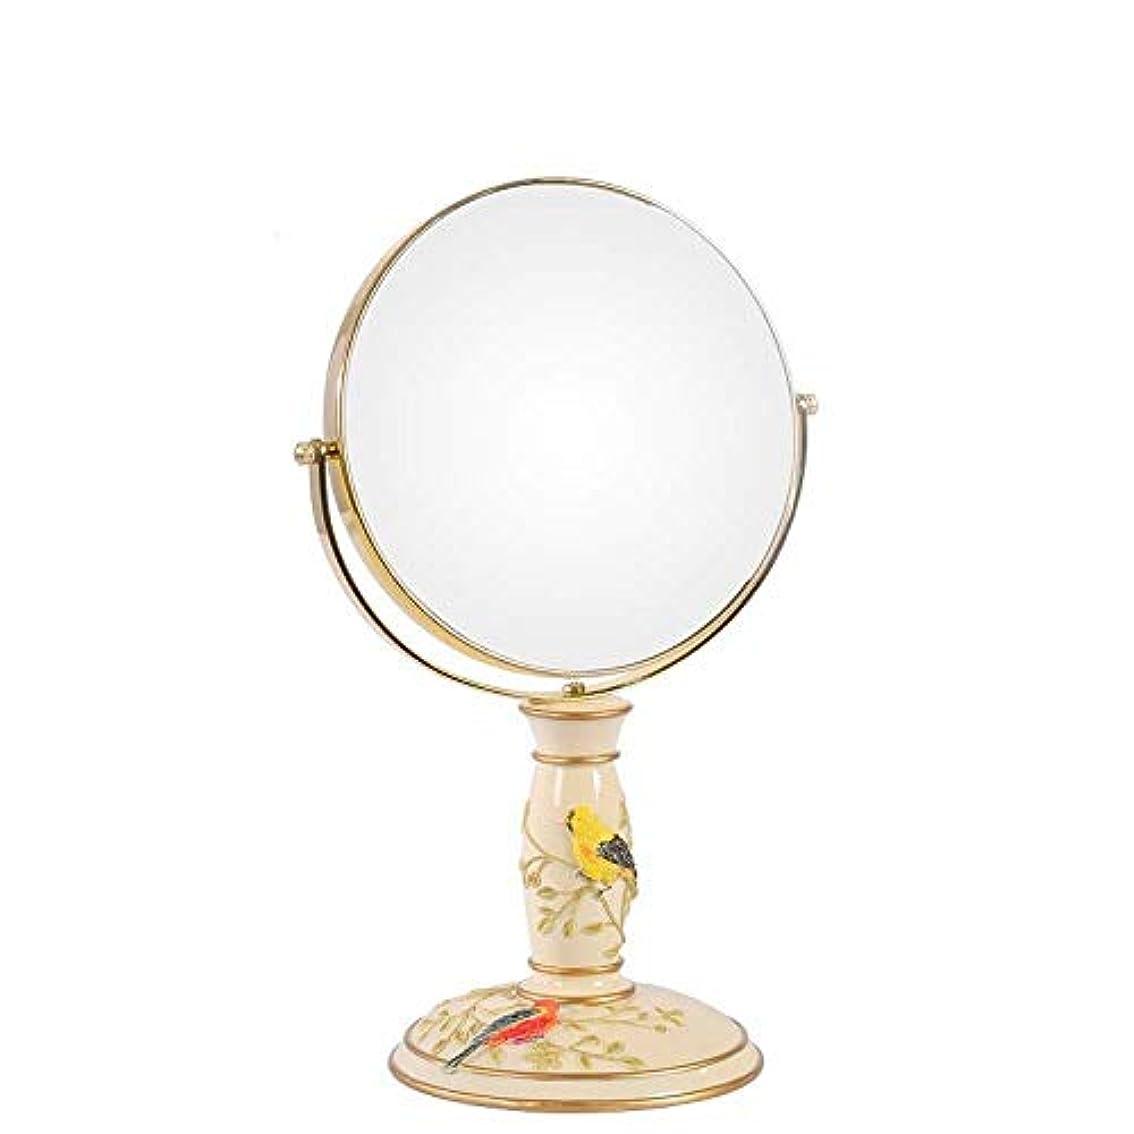 流行の ビンテージ化粧鏡、鏡360°回転スタンド、倍率1倍、3倍、ラウンドダブル両面回転化粧鏡